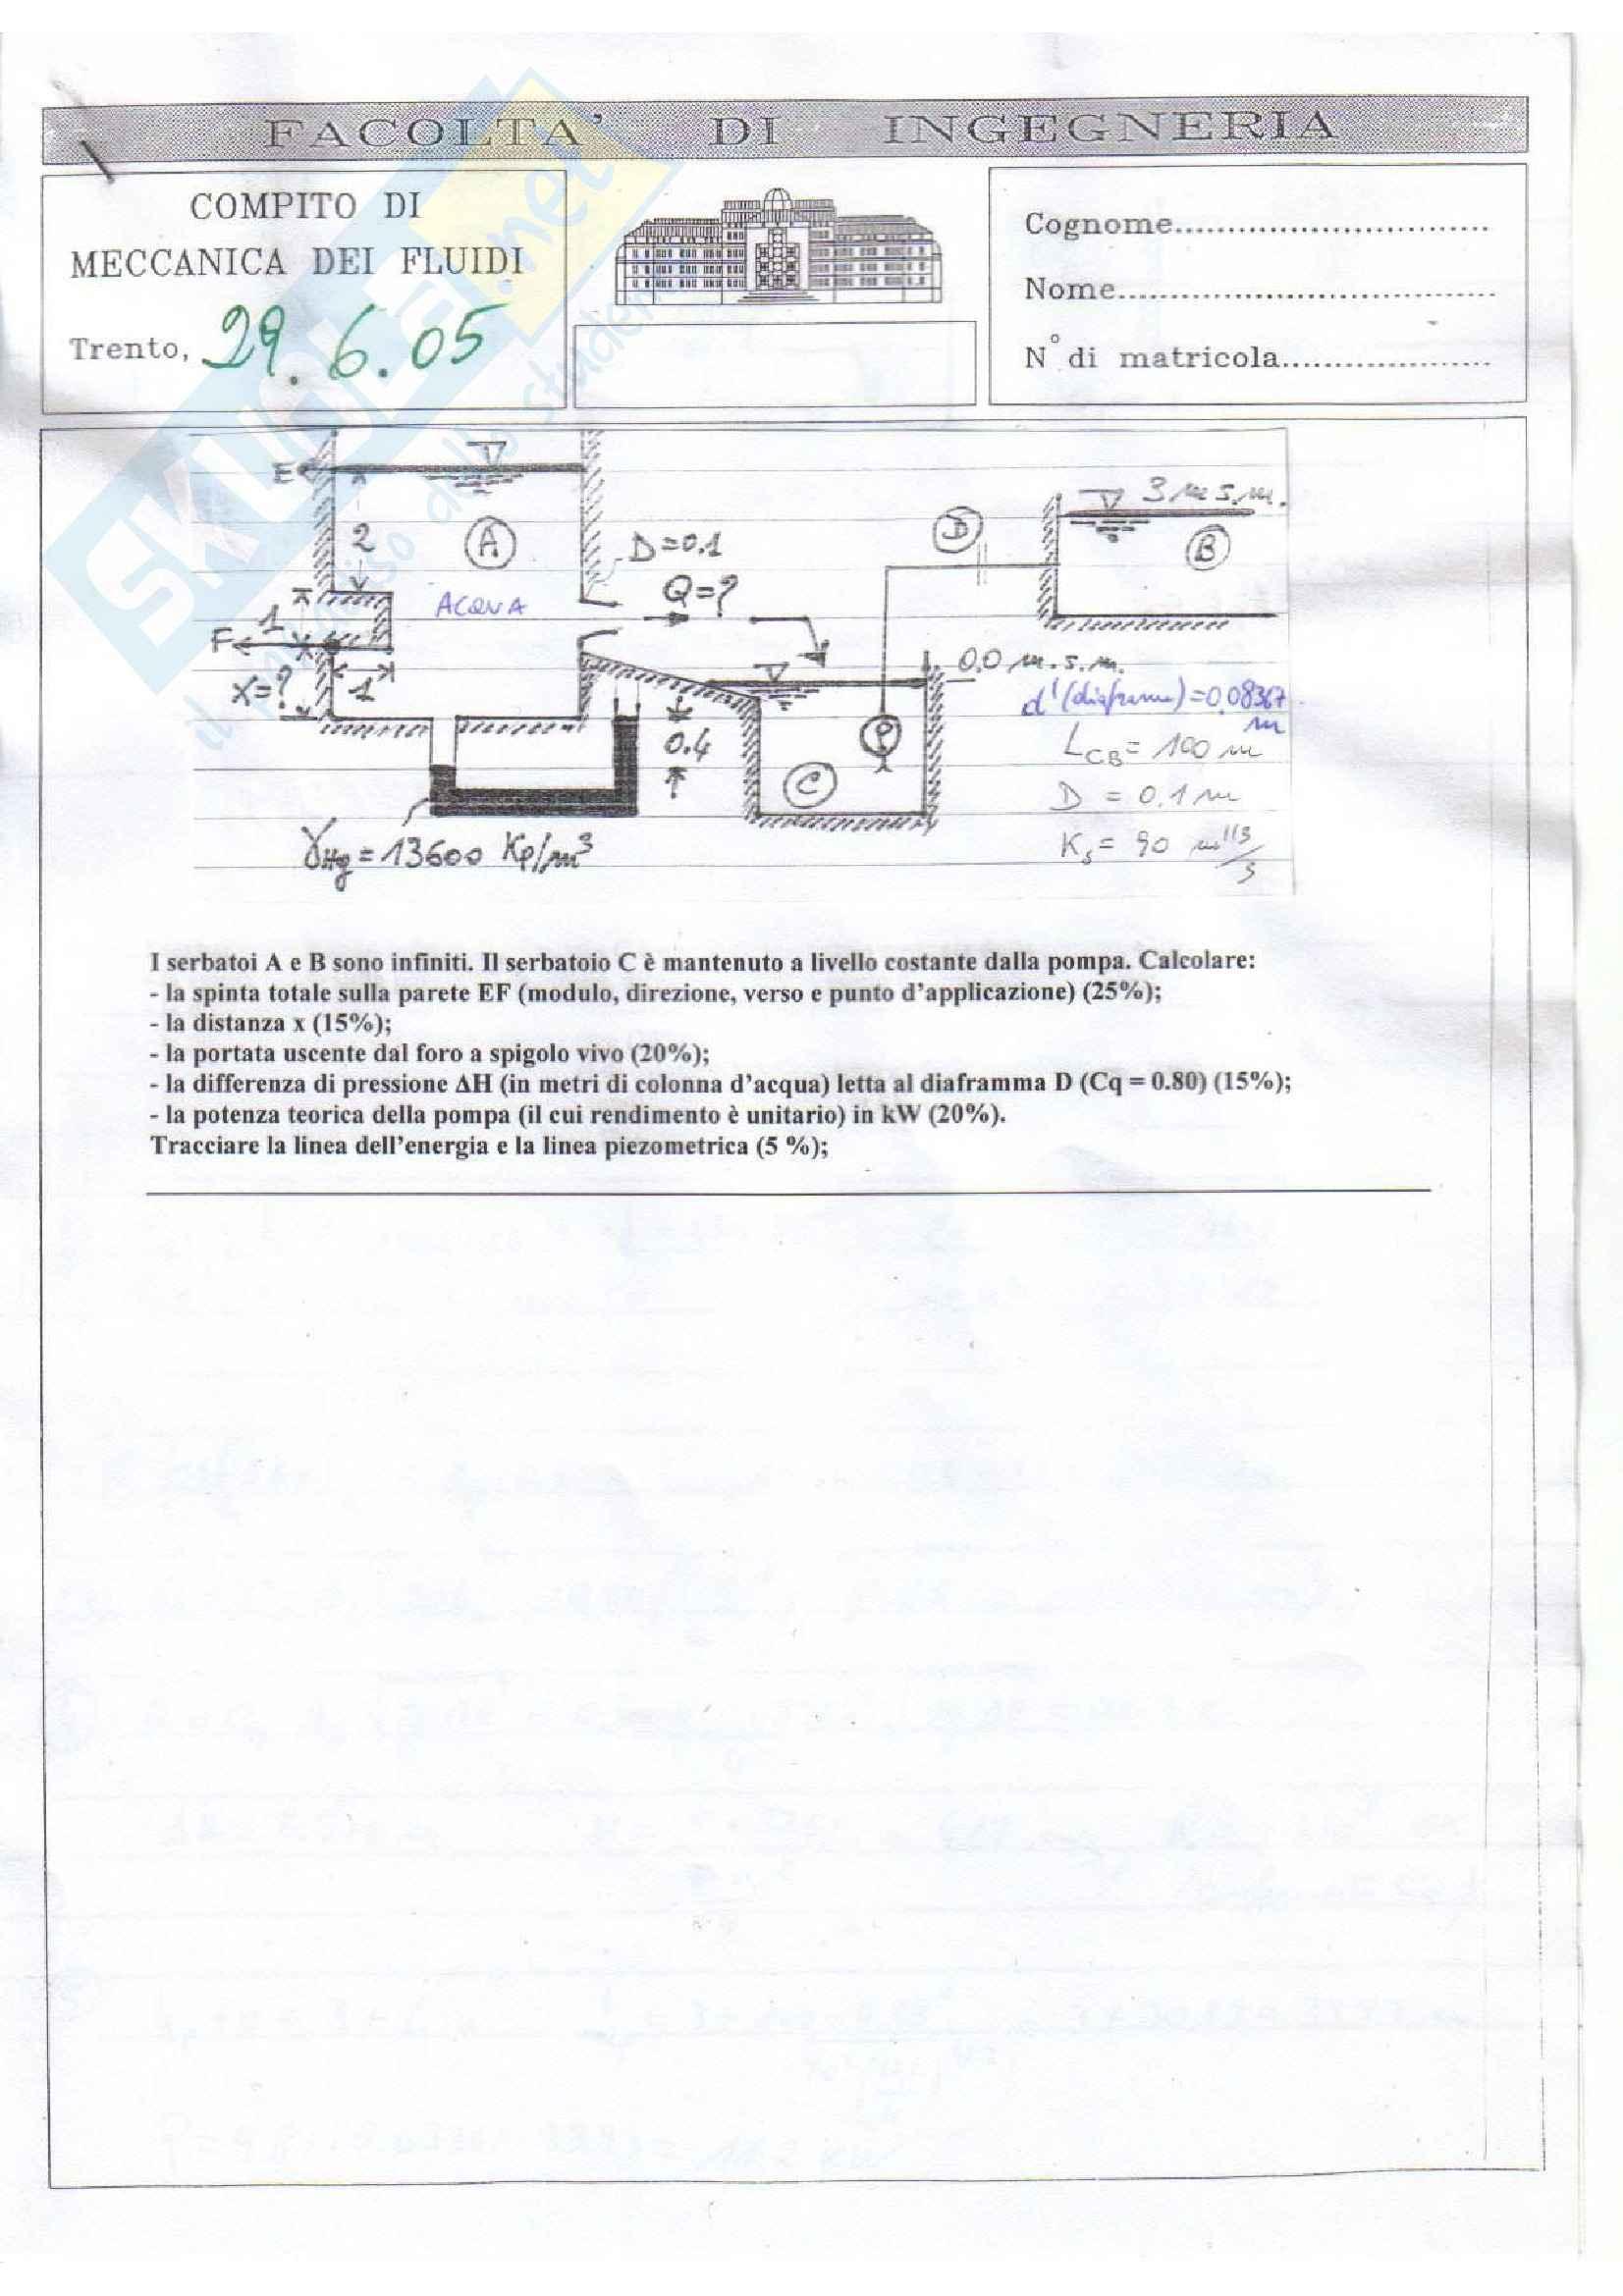 Meccanica dei fluidi - Compito 29/06/2005